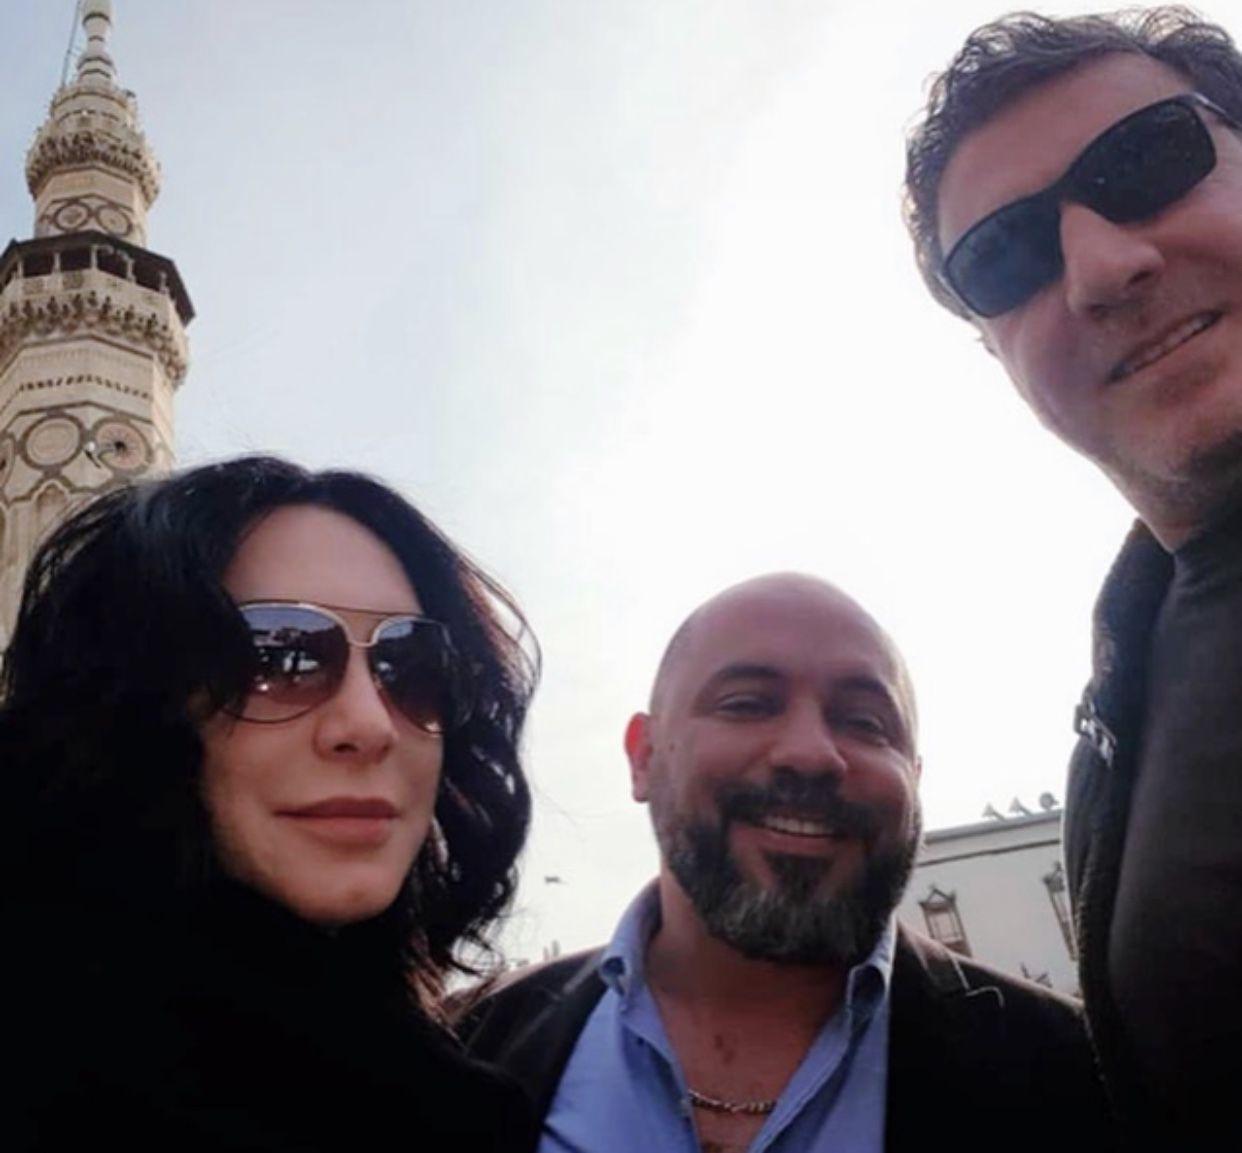 سلاف فواخرجي مع زوجها وائل رمضان وصديقهما